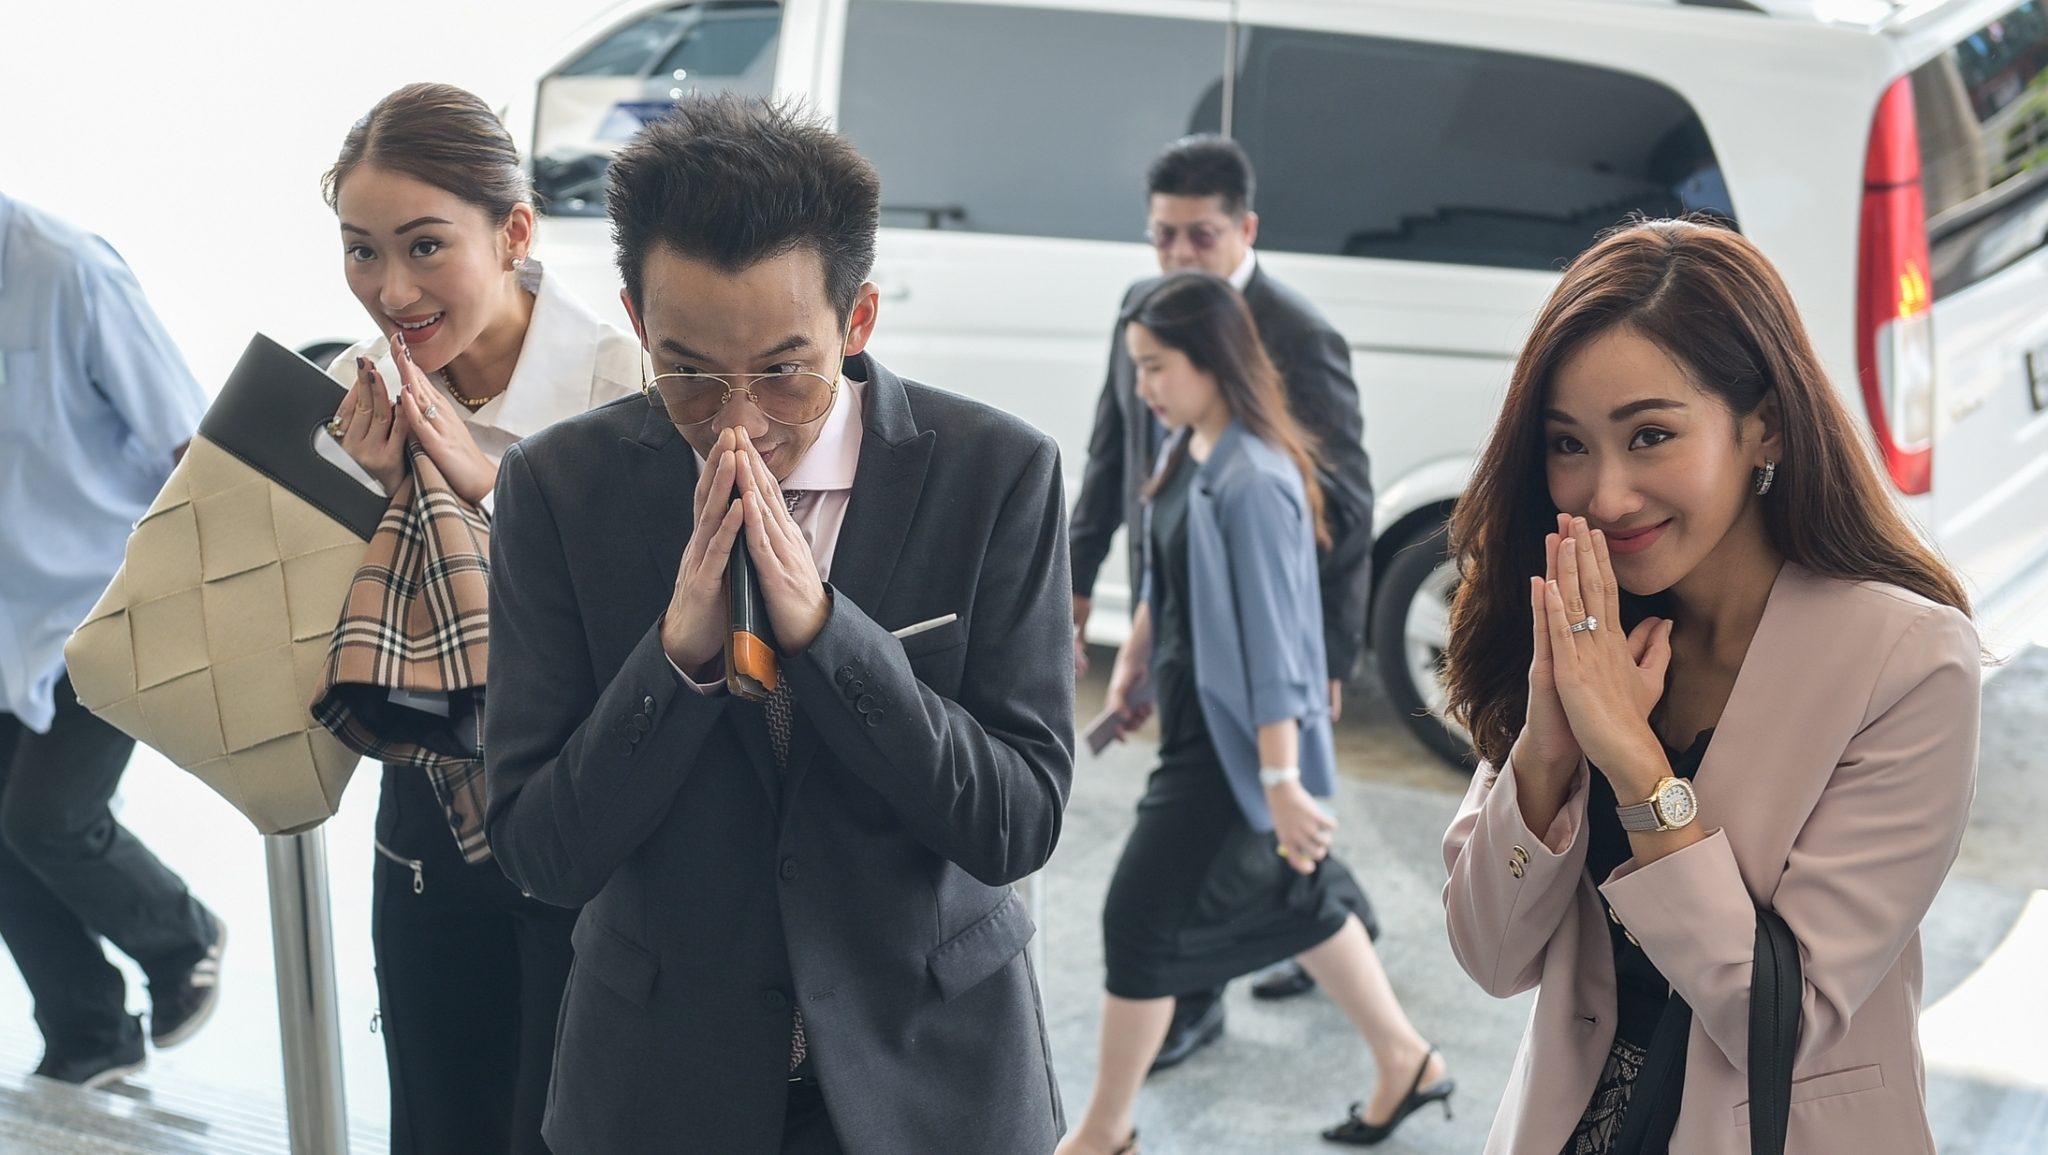 คดีปล่อยกู้กรุงไทย ธนาคารกรุงไทย โอ๊ค พานทองแท้